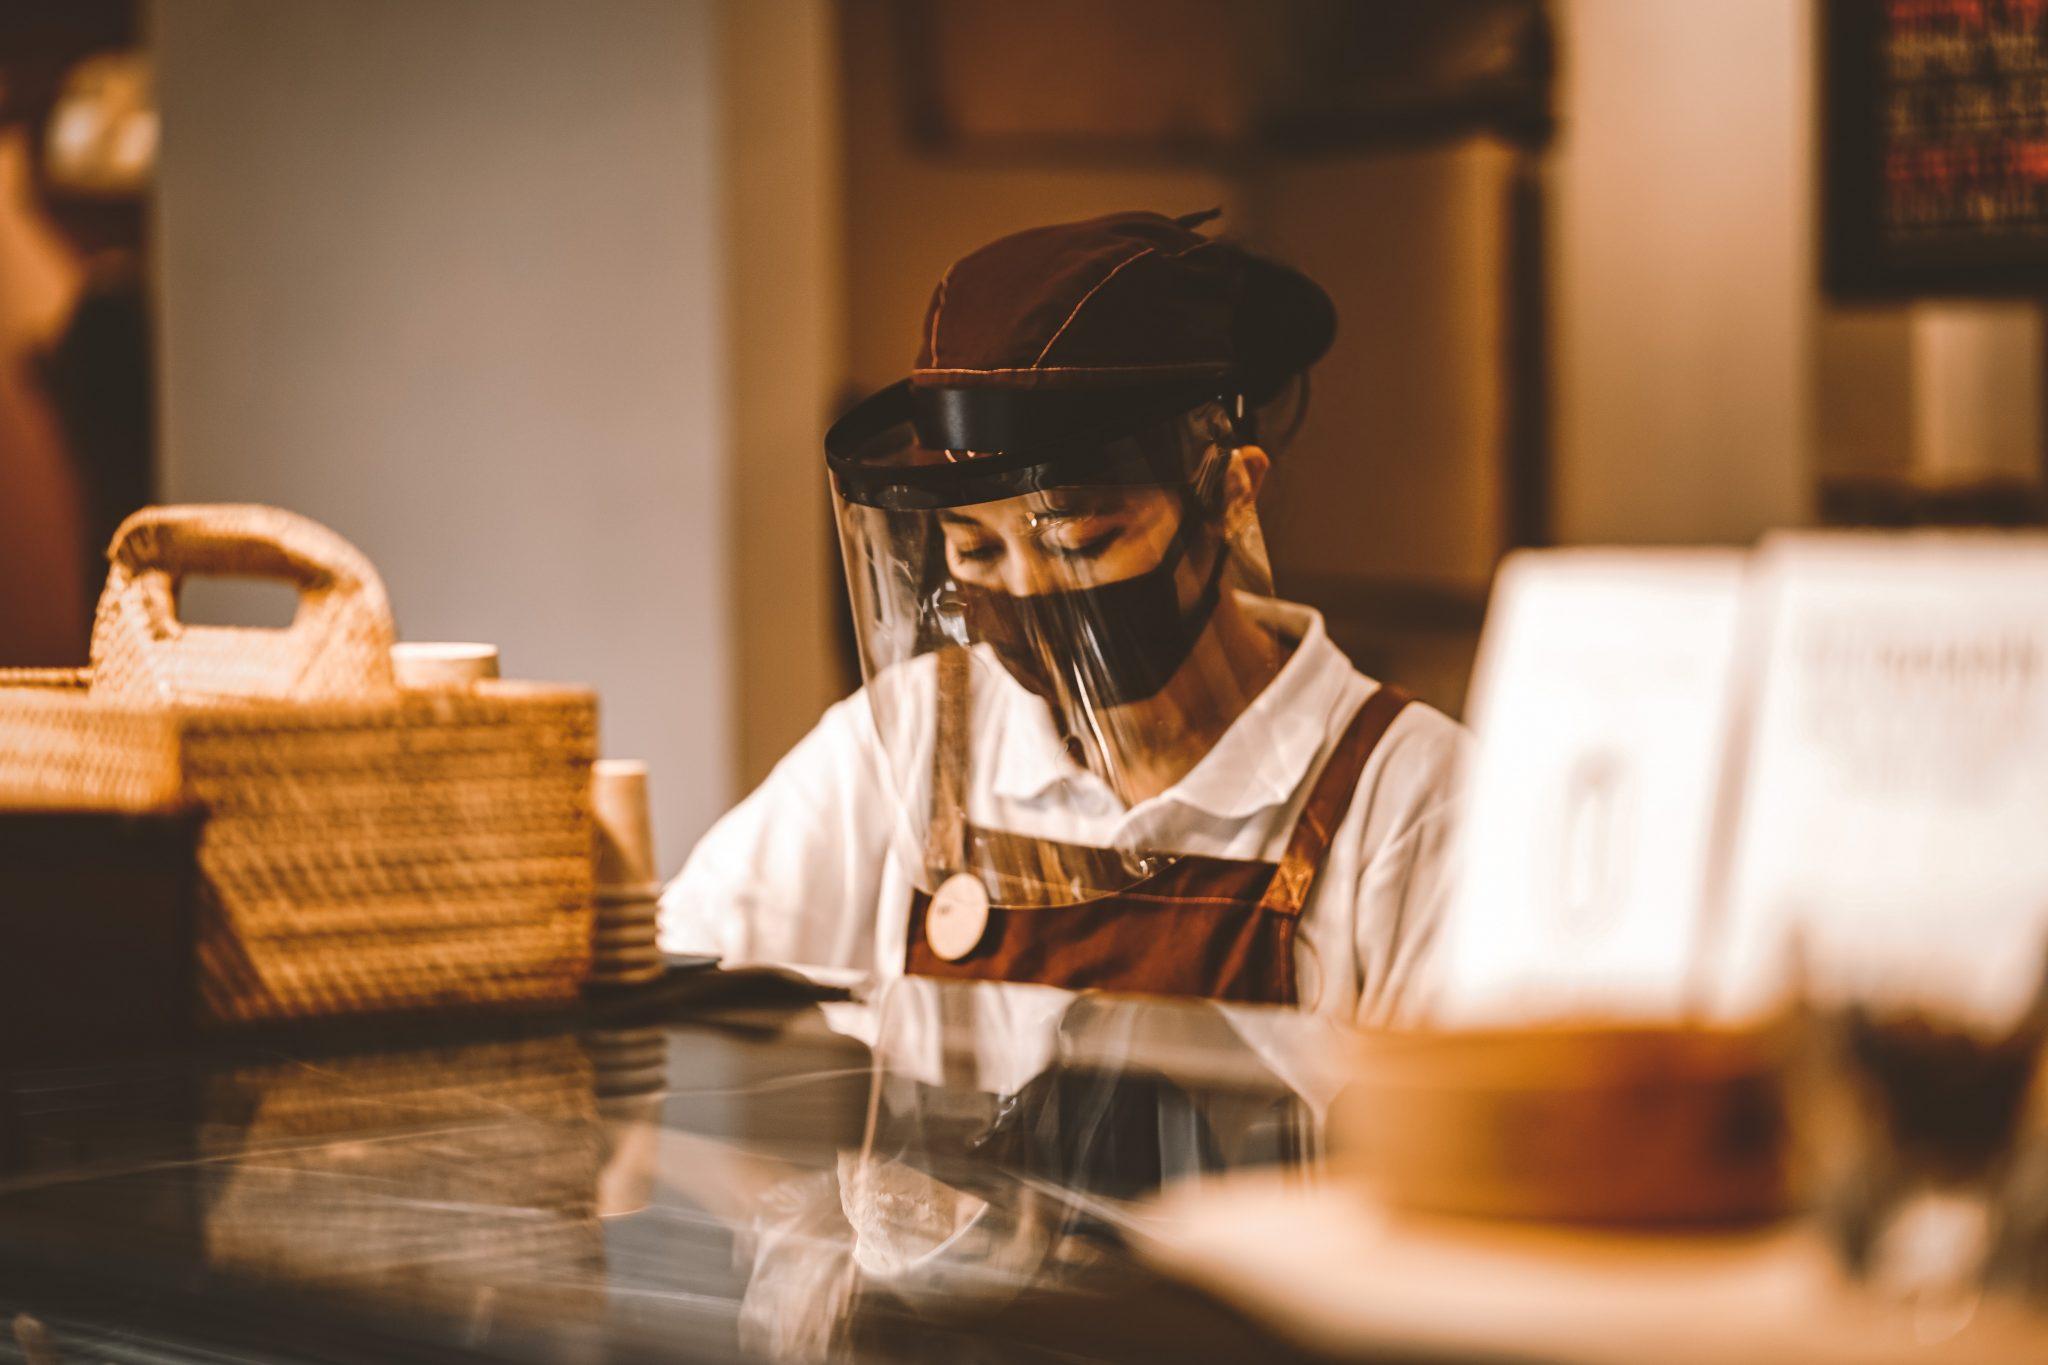 restaurants PHOTO DAPIKI MOTO ON UNSPLASH